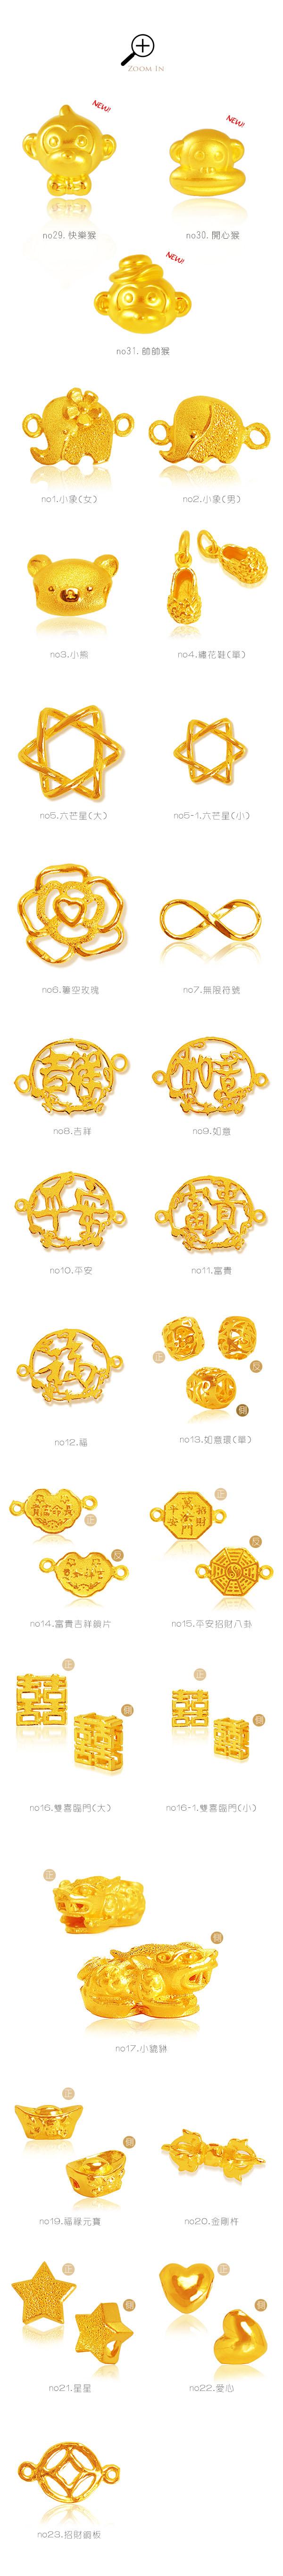 金緻品,金製品,黃金價格,金飾,金飾價格,黃金飾品,金飾店,純金,金飾品牌,黃金投資,黃金蠟繩,蠟繩零件,客製化蠟繩,手工手鍊,彌月禮,情人節禮物